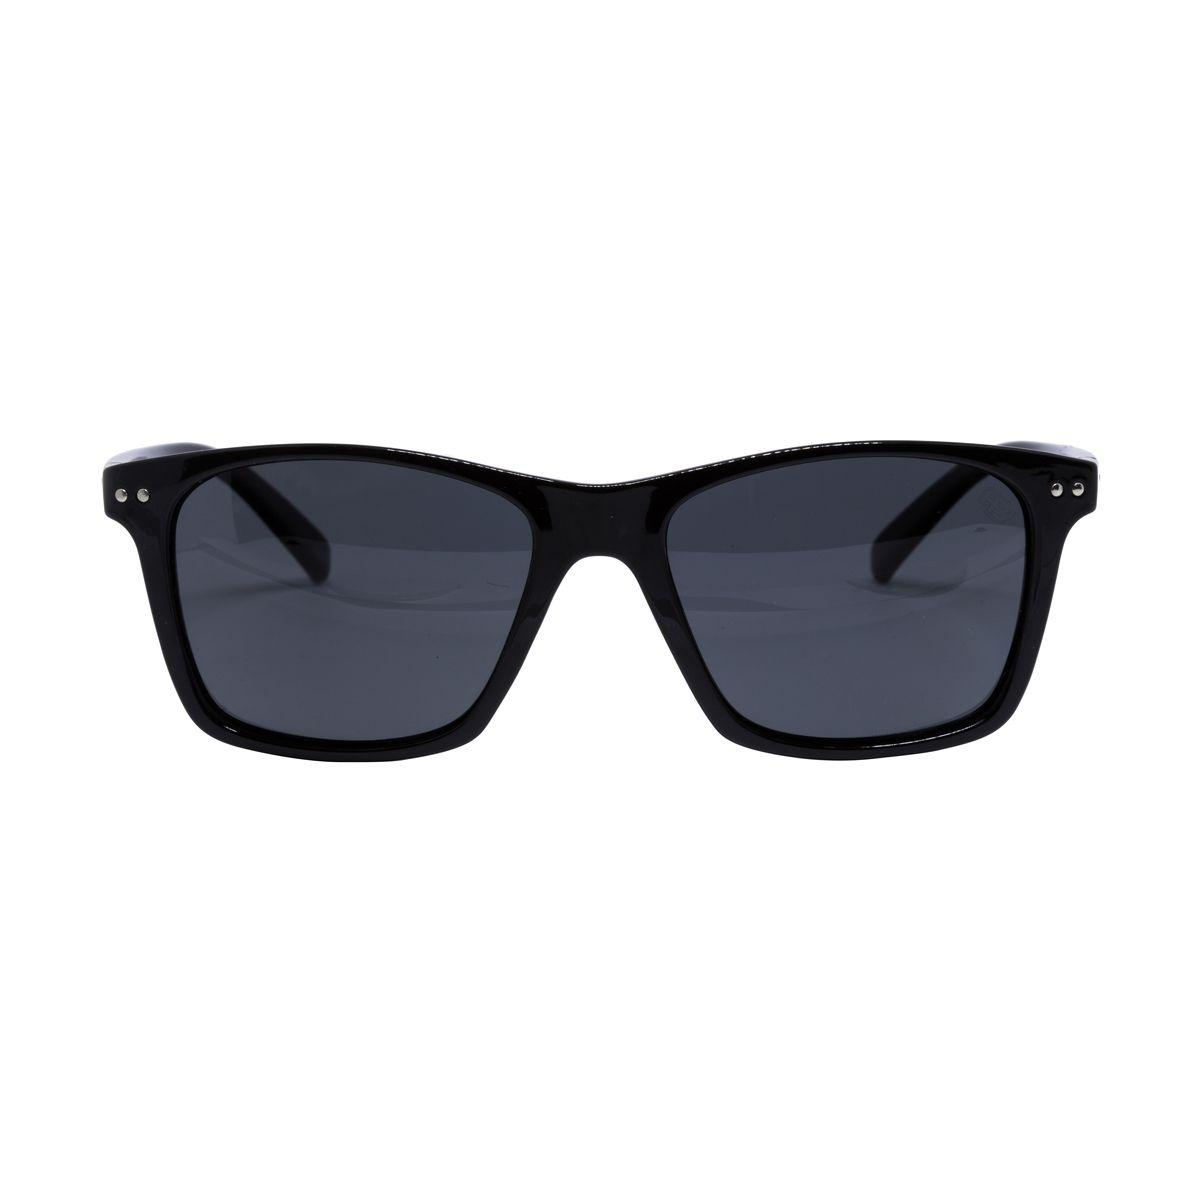 2fdd249ff69d8 Óculos de Sol HB Nevermind Unissex 90105002 - Acetato Preto e Lente Cinza -  Hb - hot butterd Produto não disponível